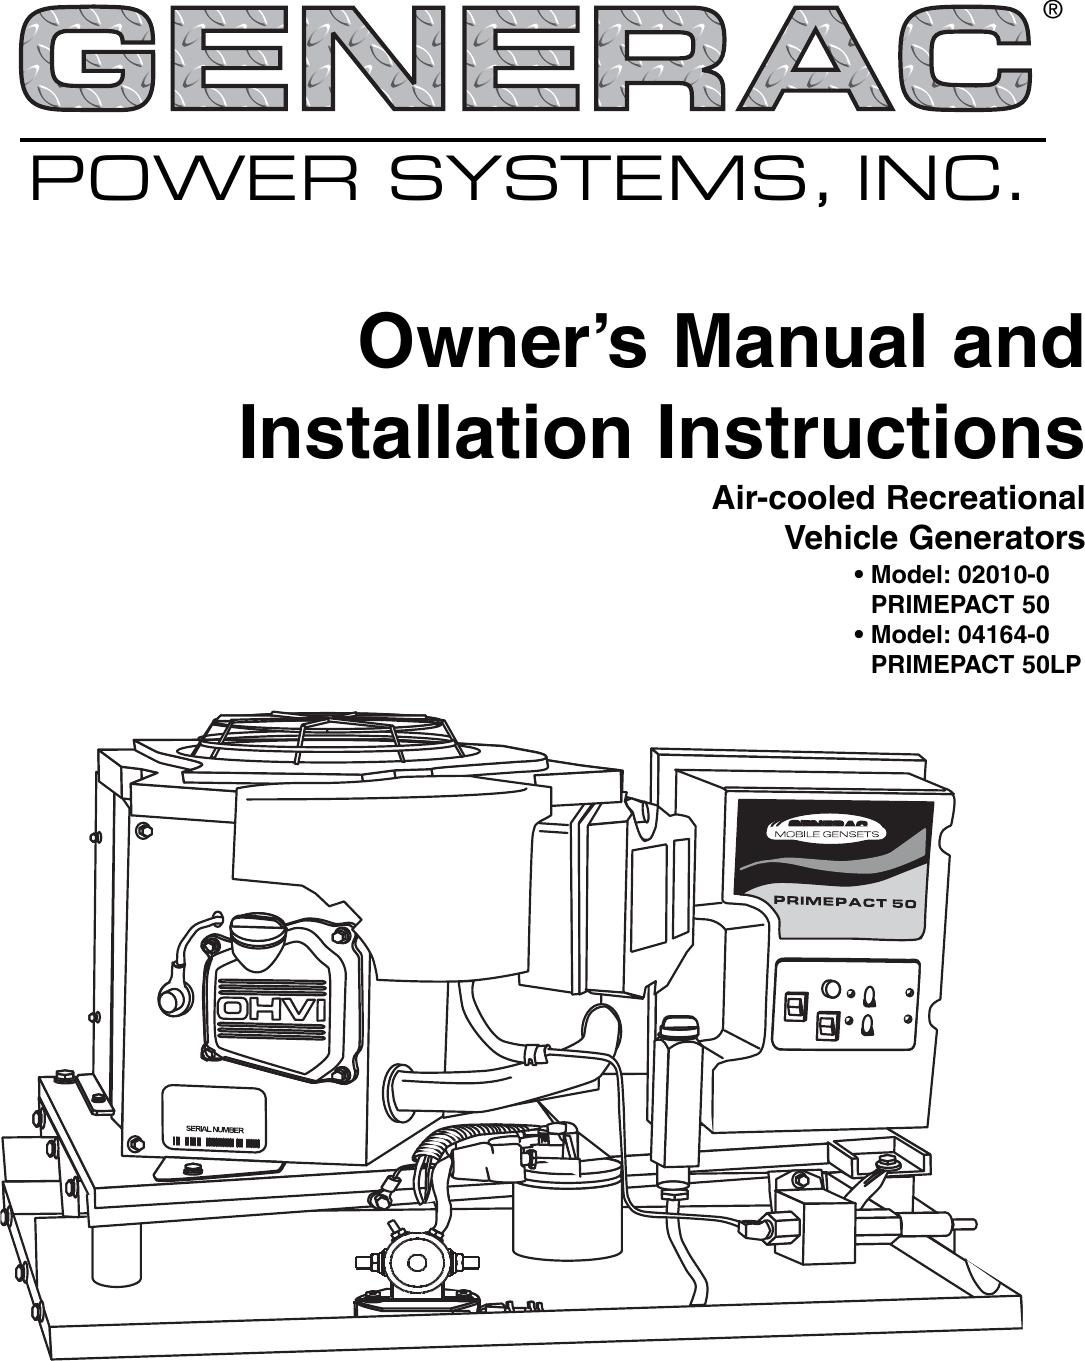 Generac 02010 0 04164 Owners Manual C5080RE0